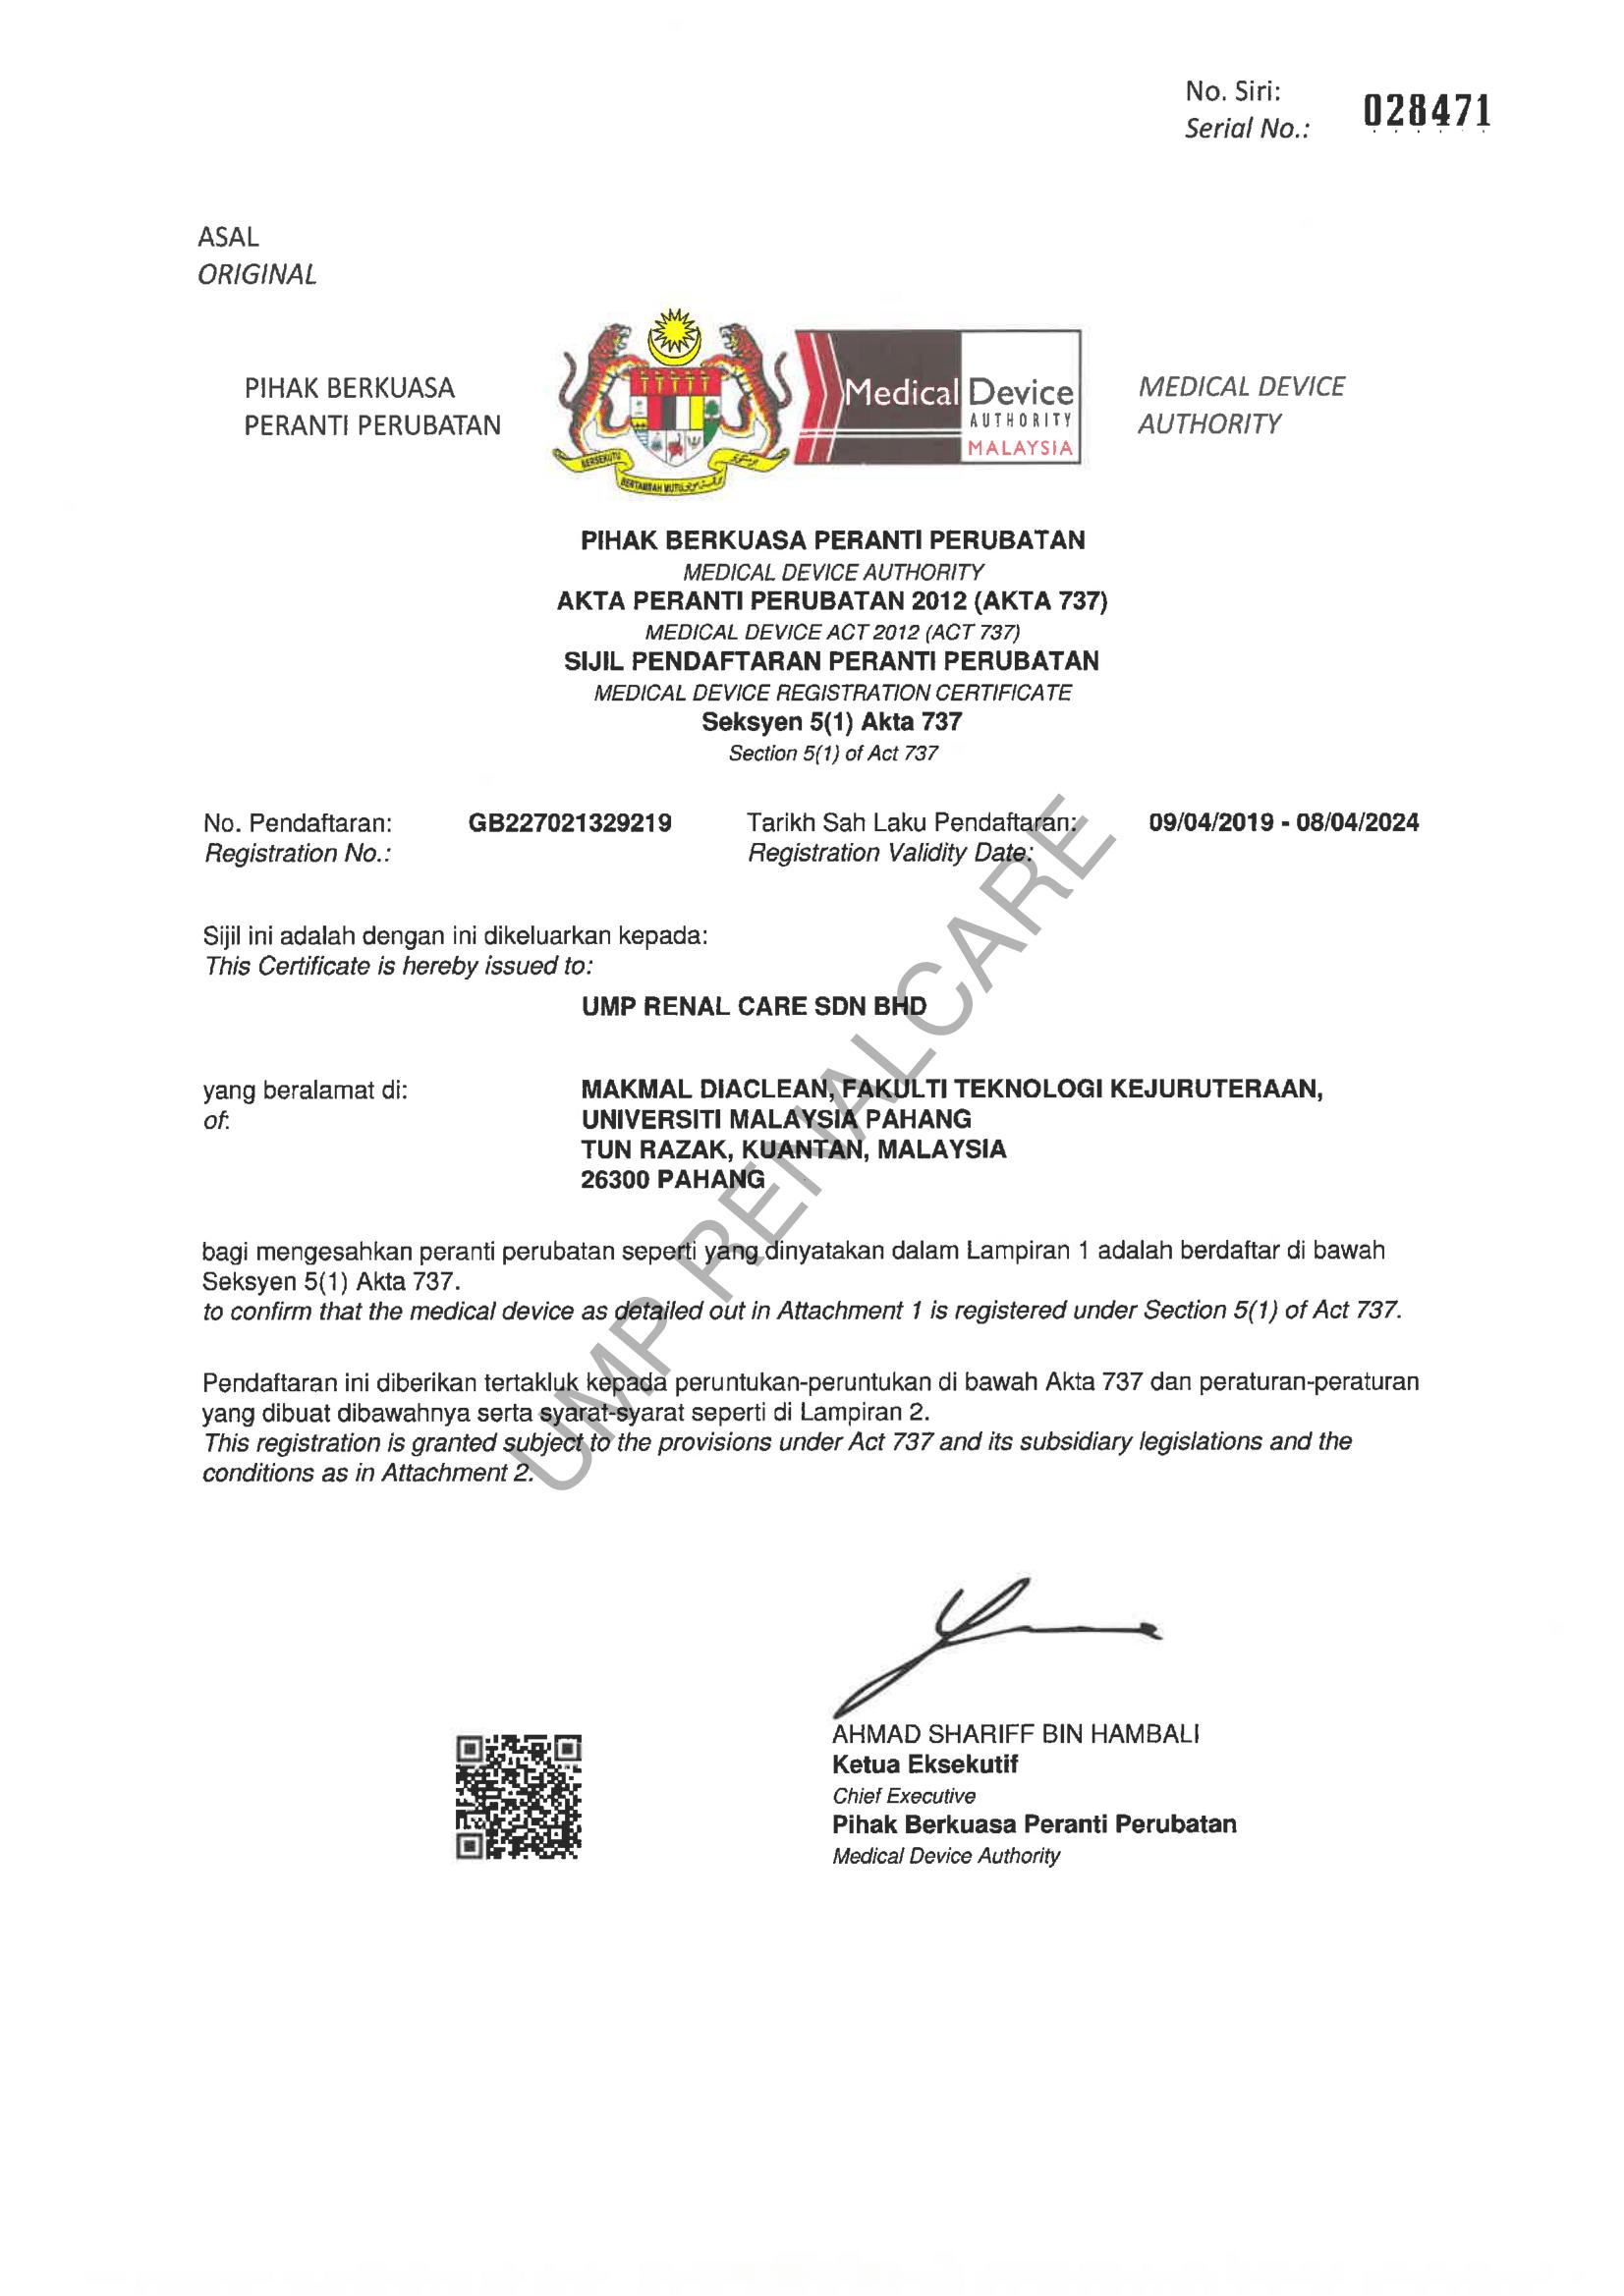 MDA Certificate